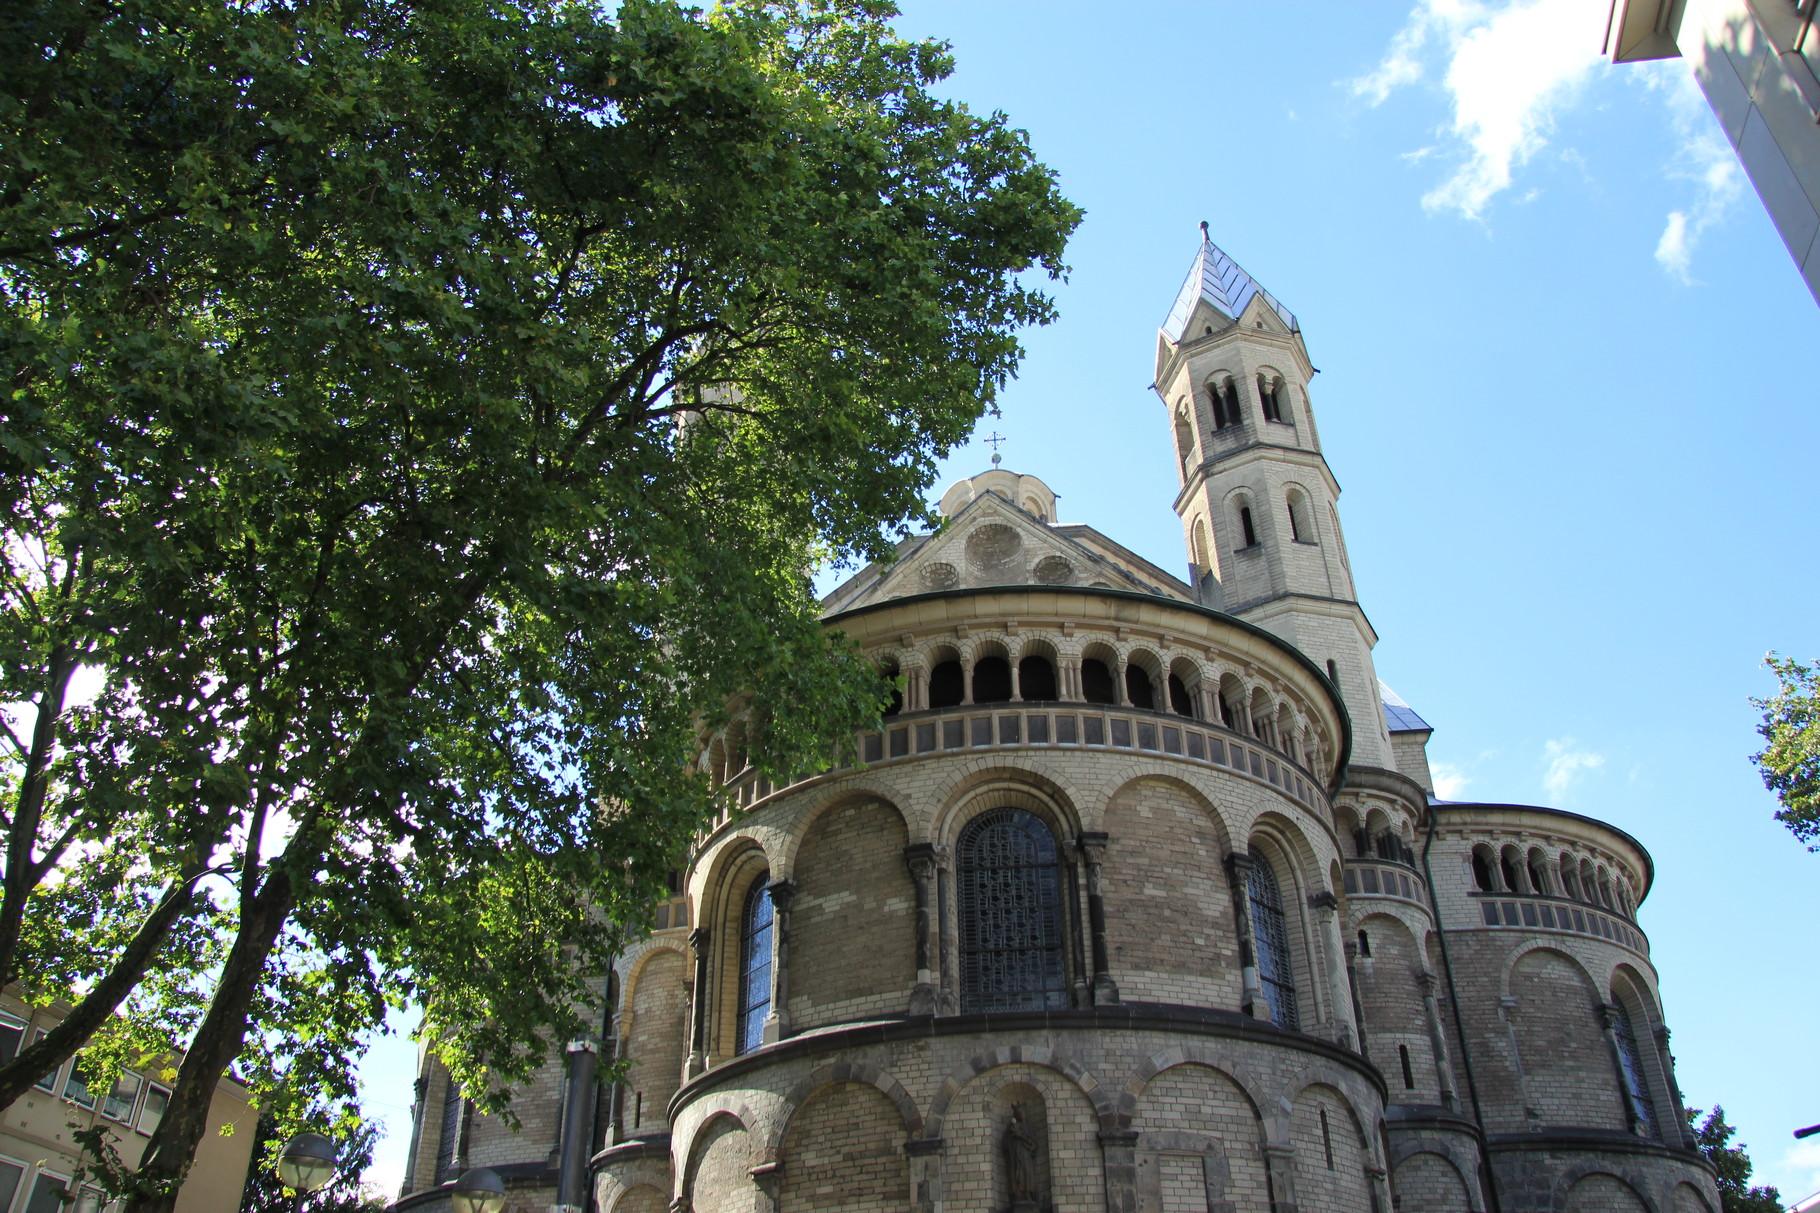 Führung Romanische Kirchen - St. Aposteln (am Neumarkt)